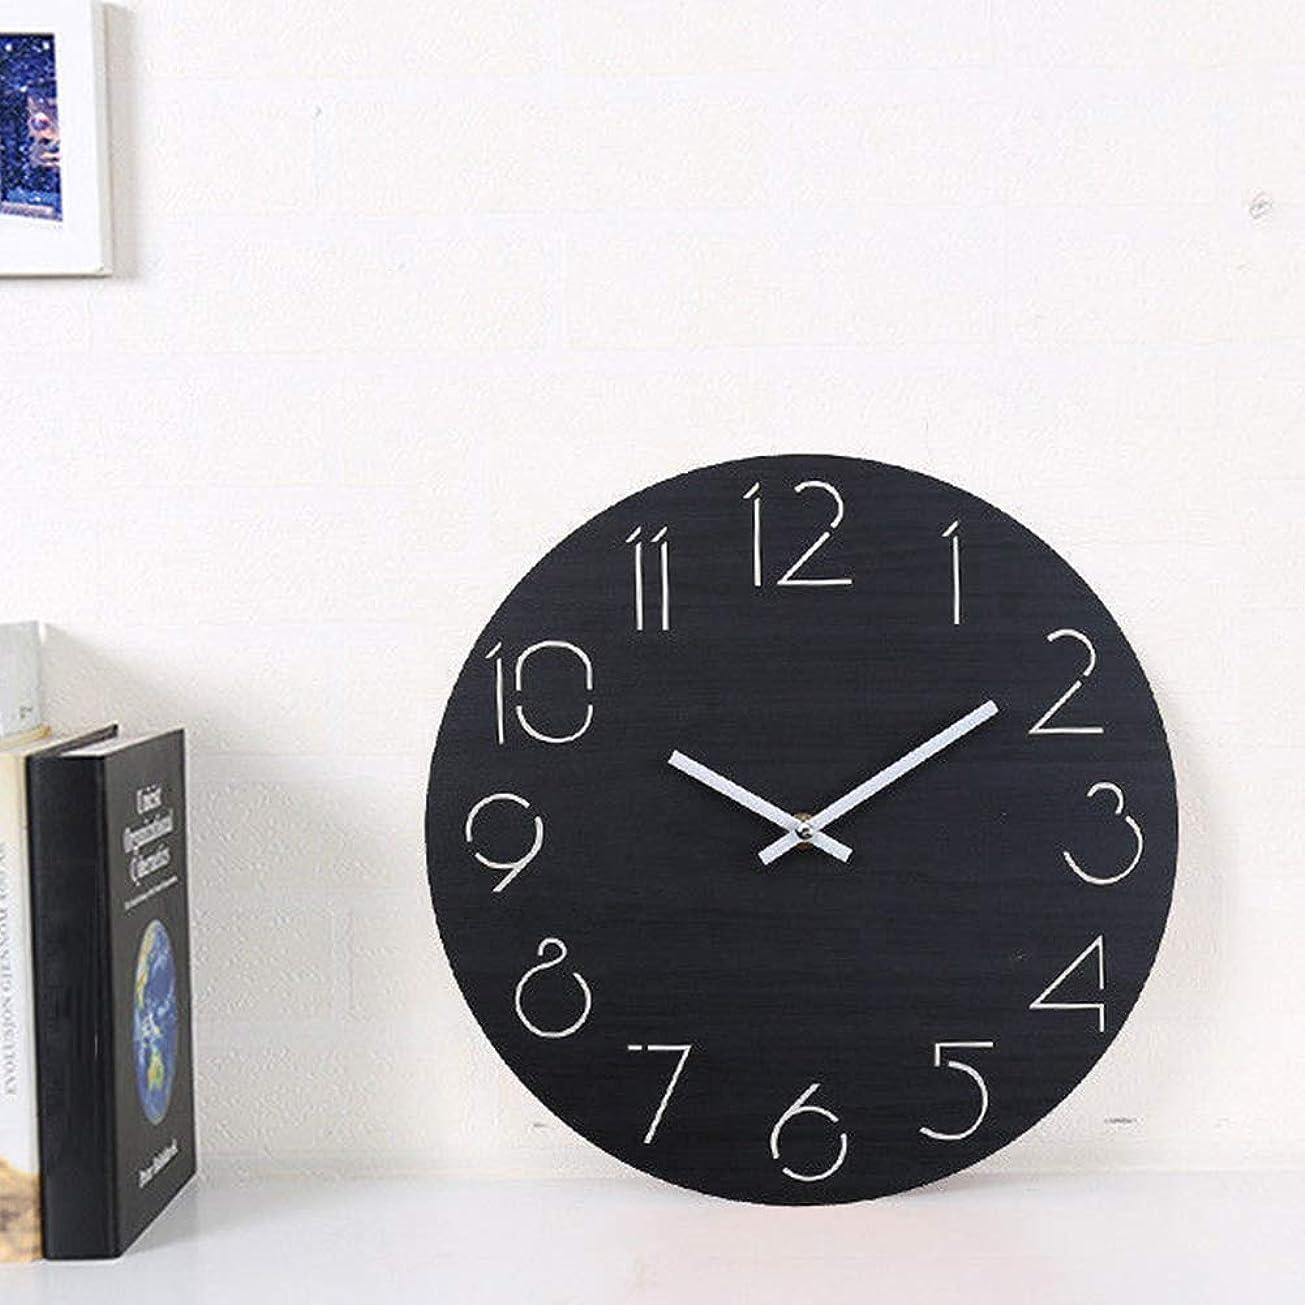 電化するシビックフルーツ壁掛け時計12